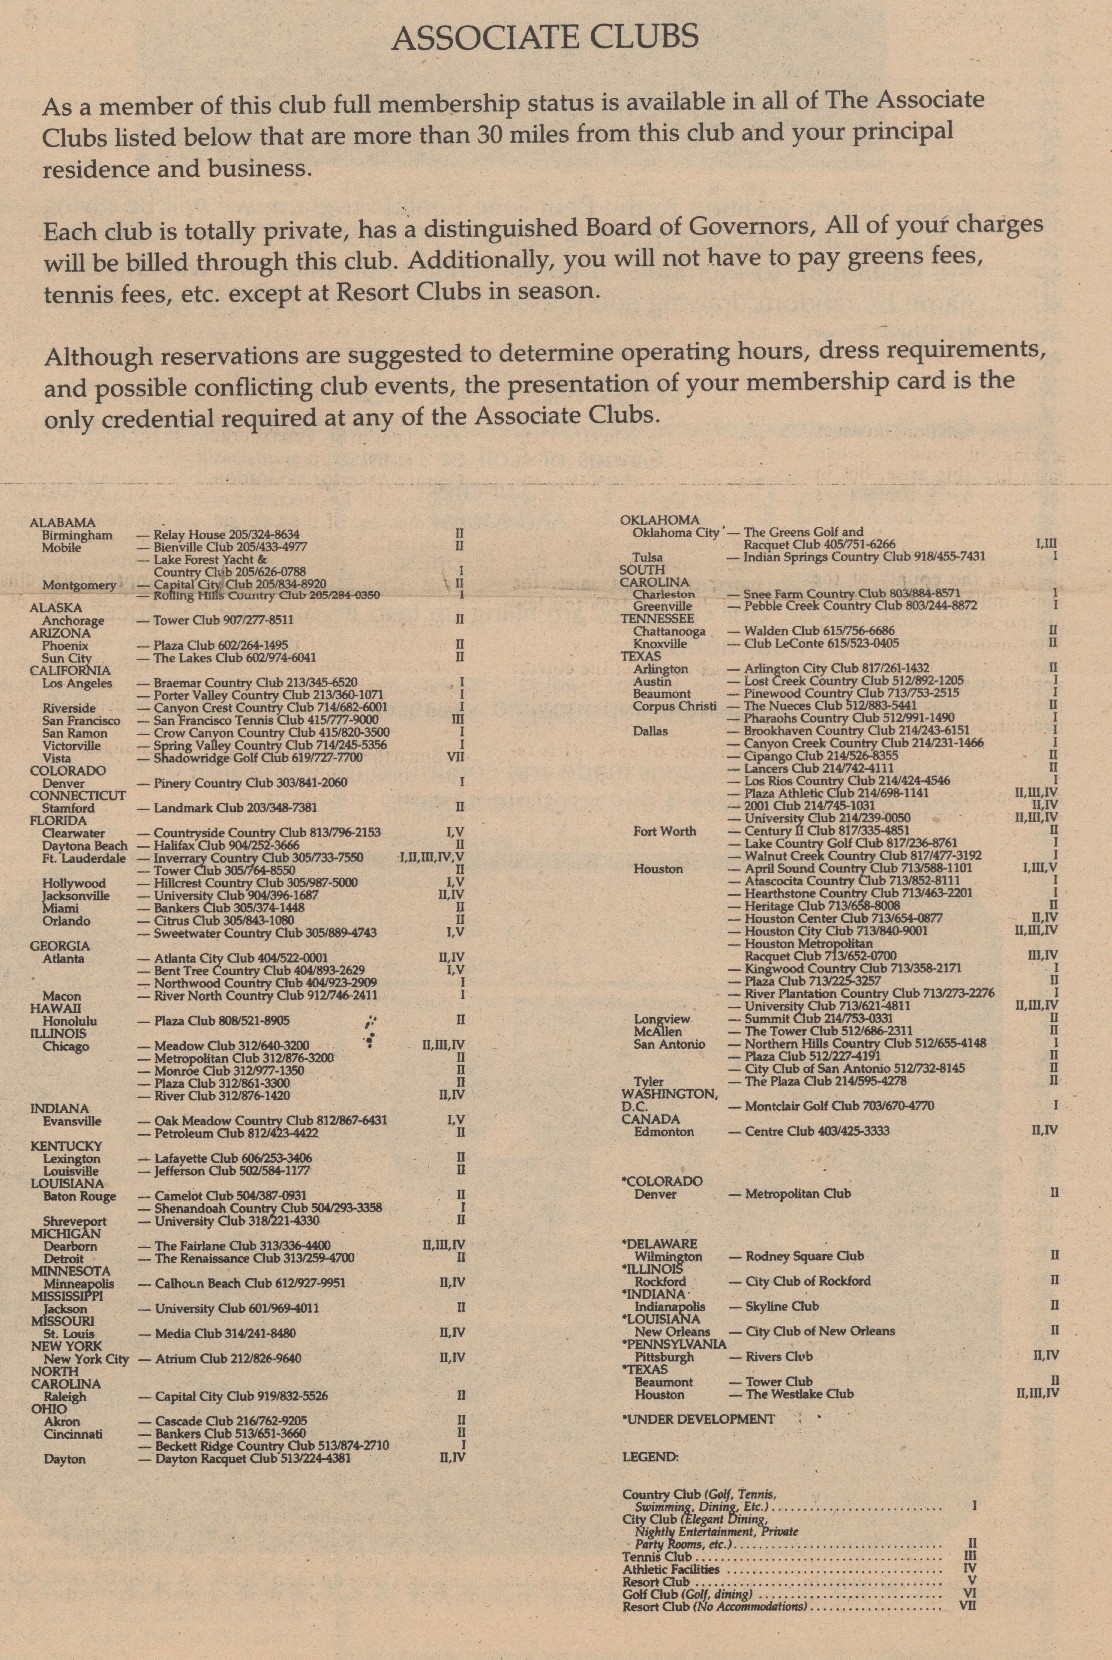 1983 clubcorp associate clubs